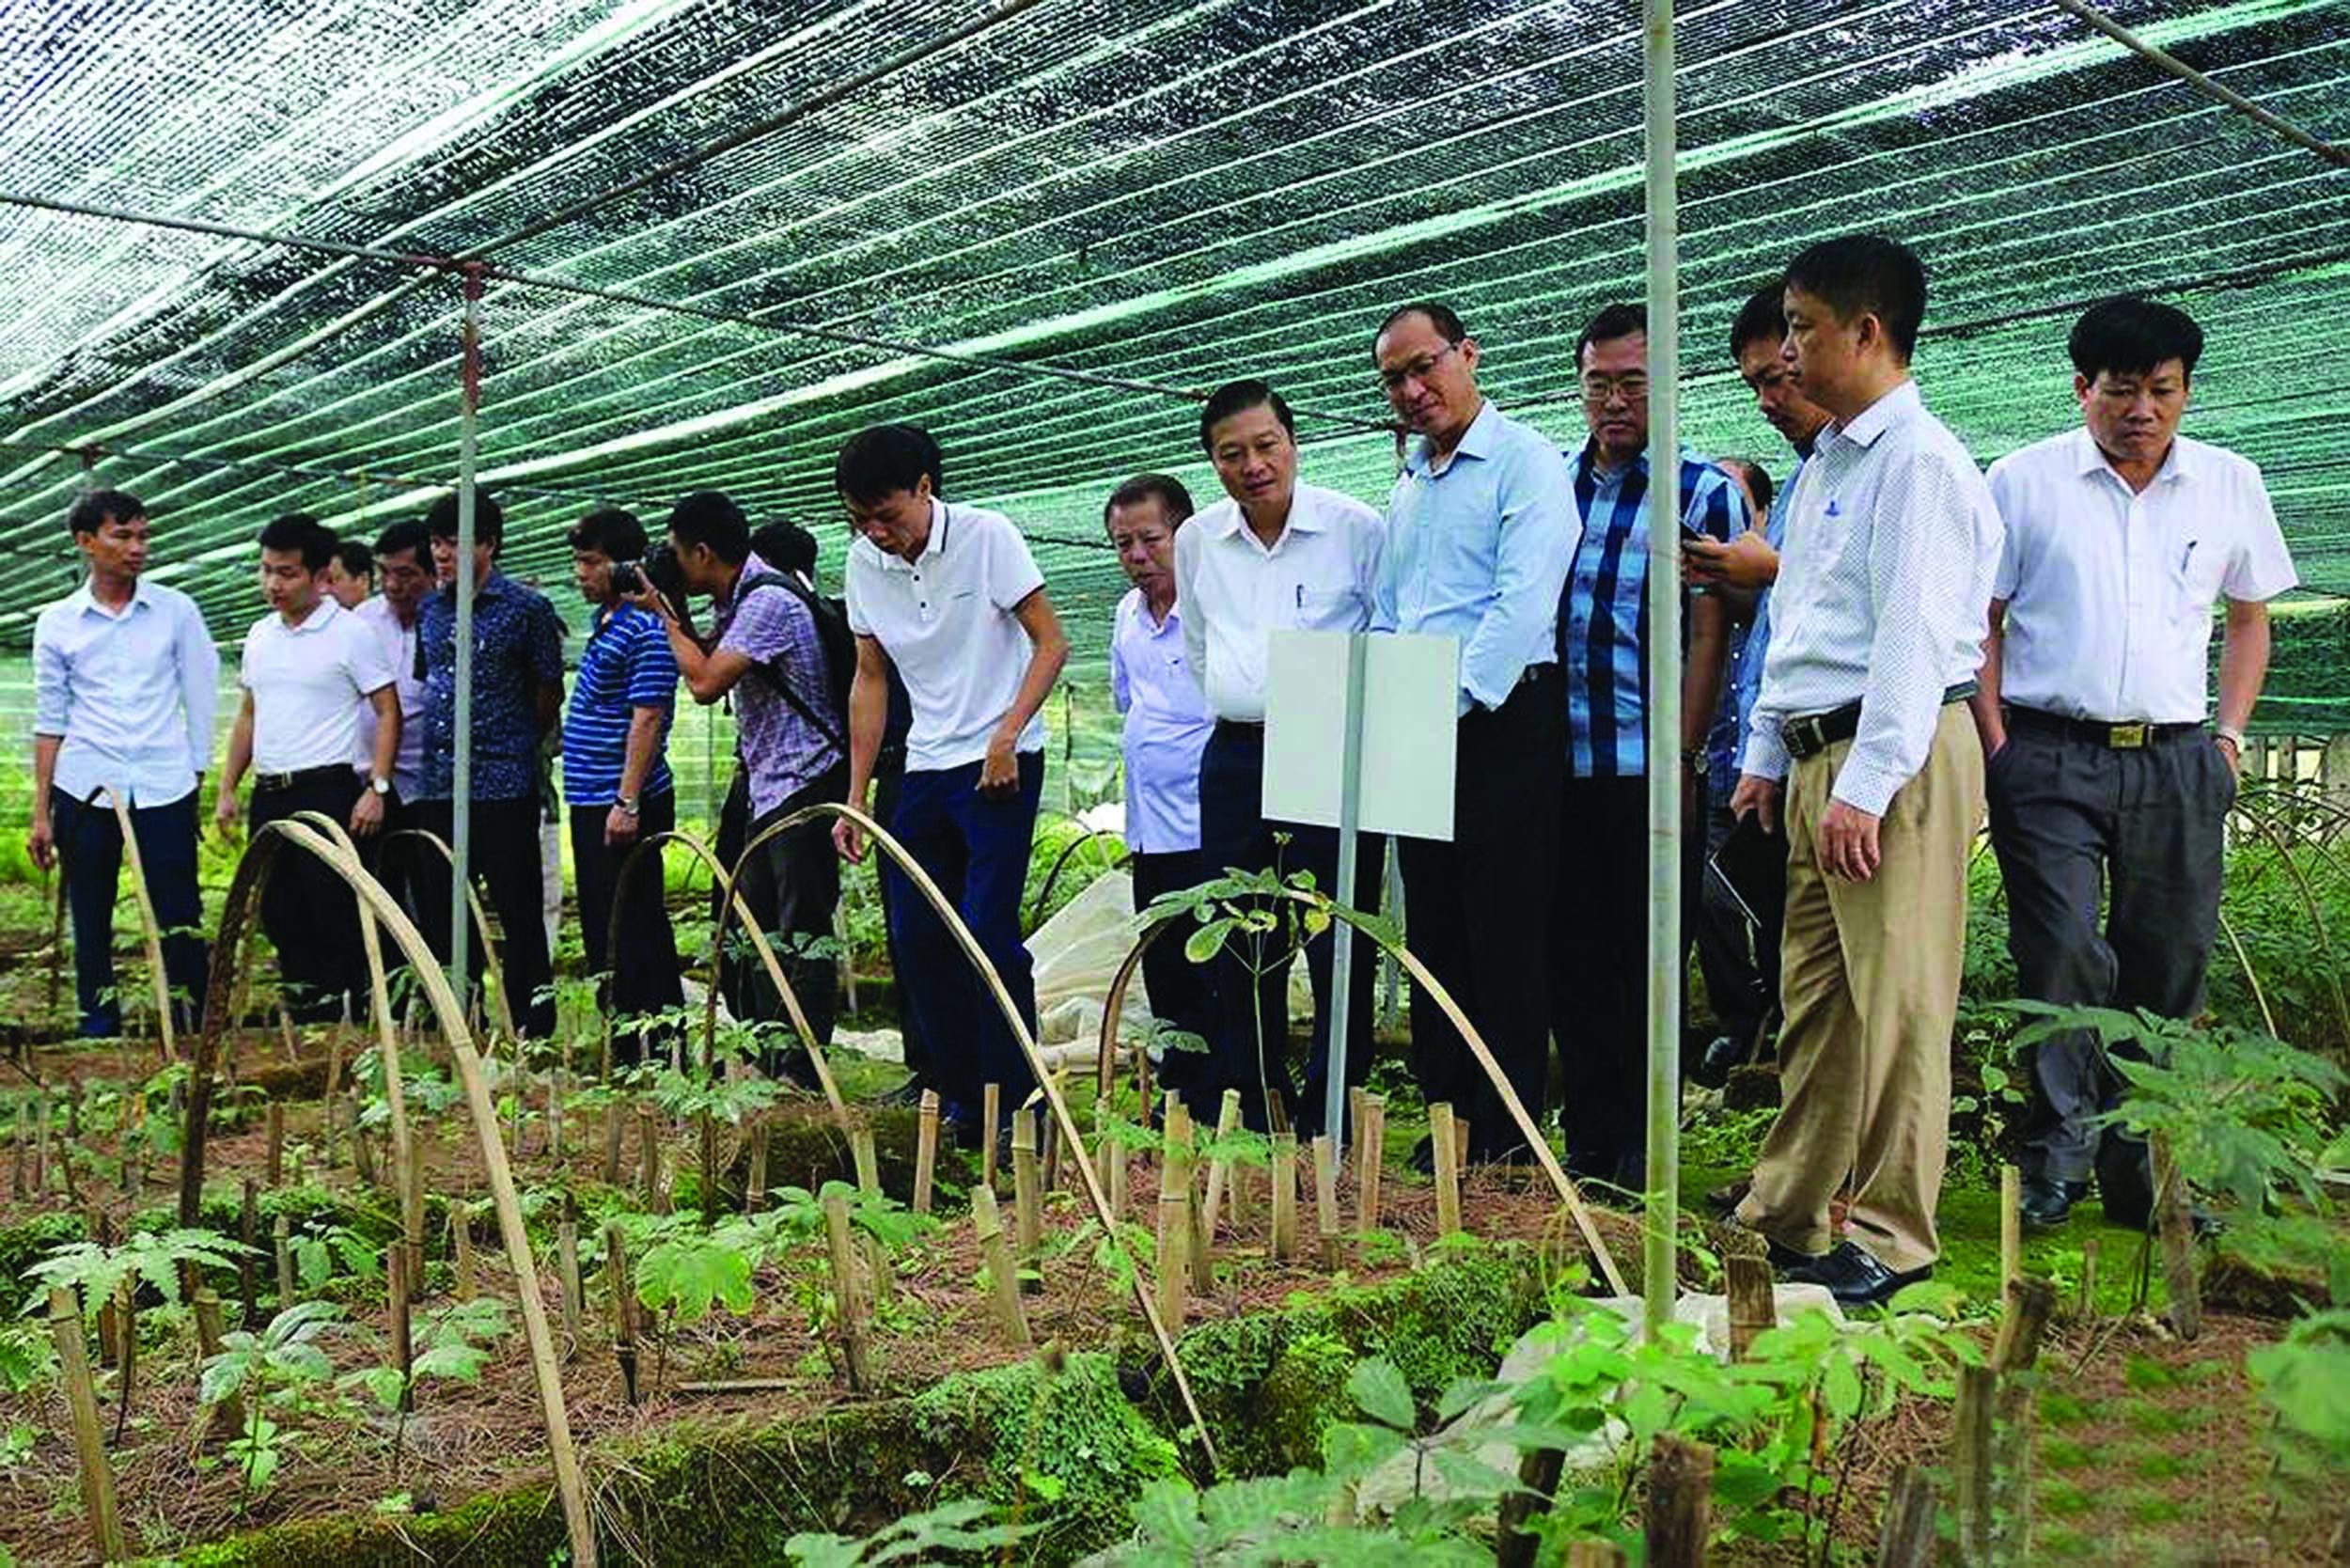 Cây thìa canh loại cây dược liệu đang được trồng thử nghiệm ở huyện Con Cuông.